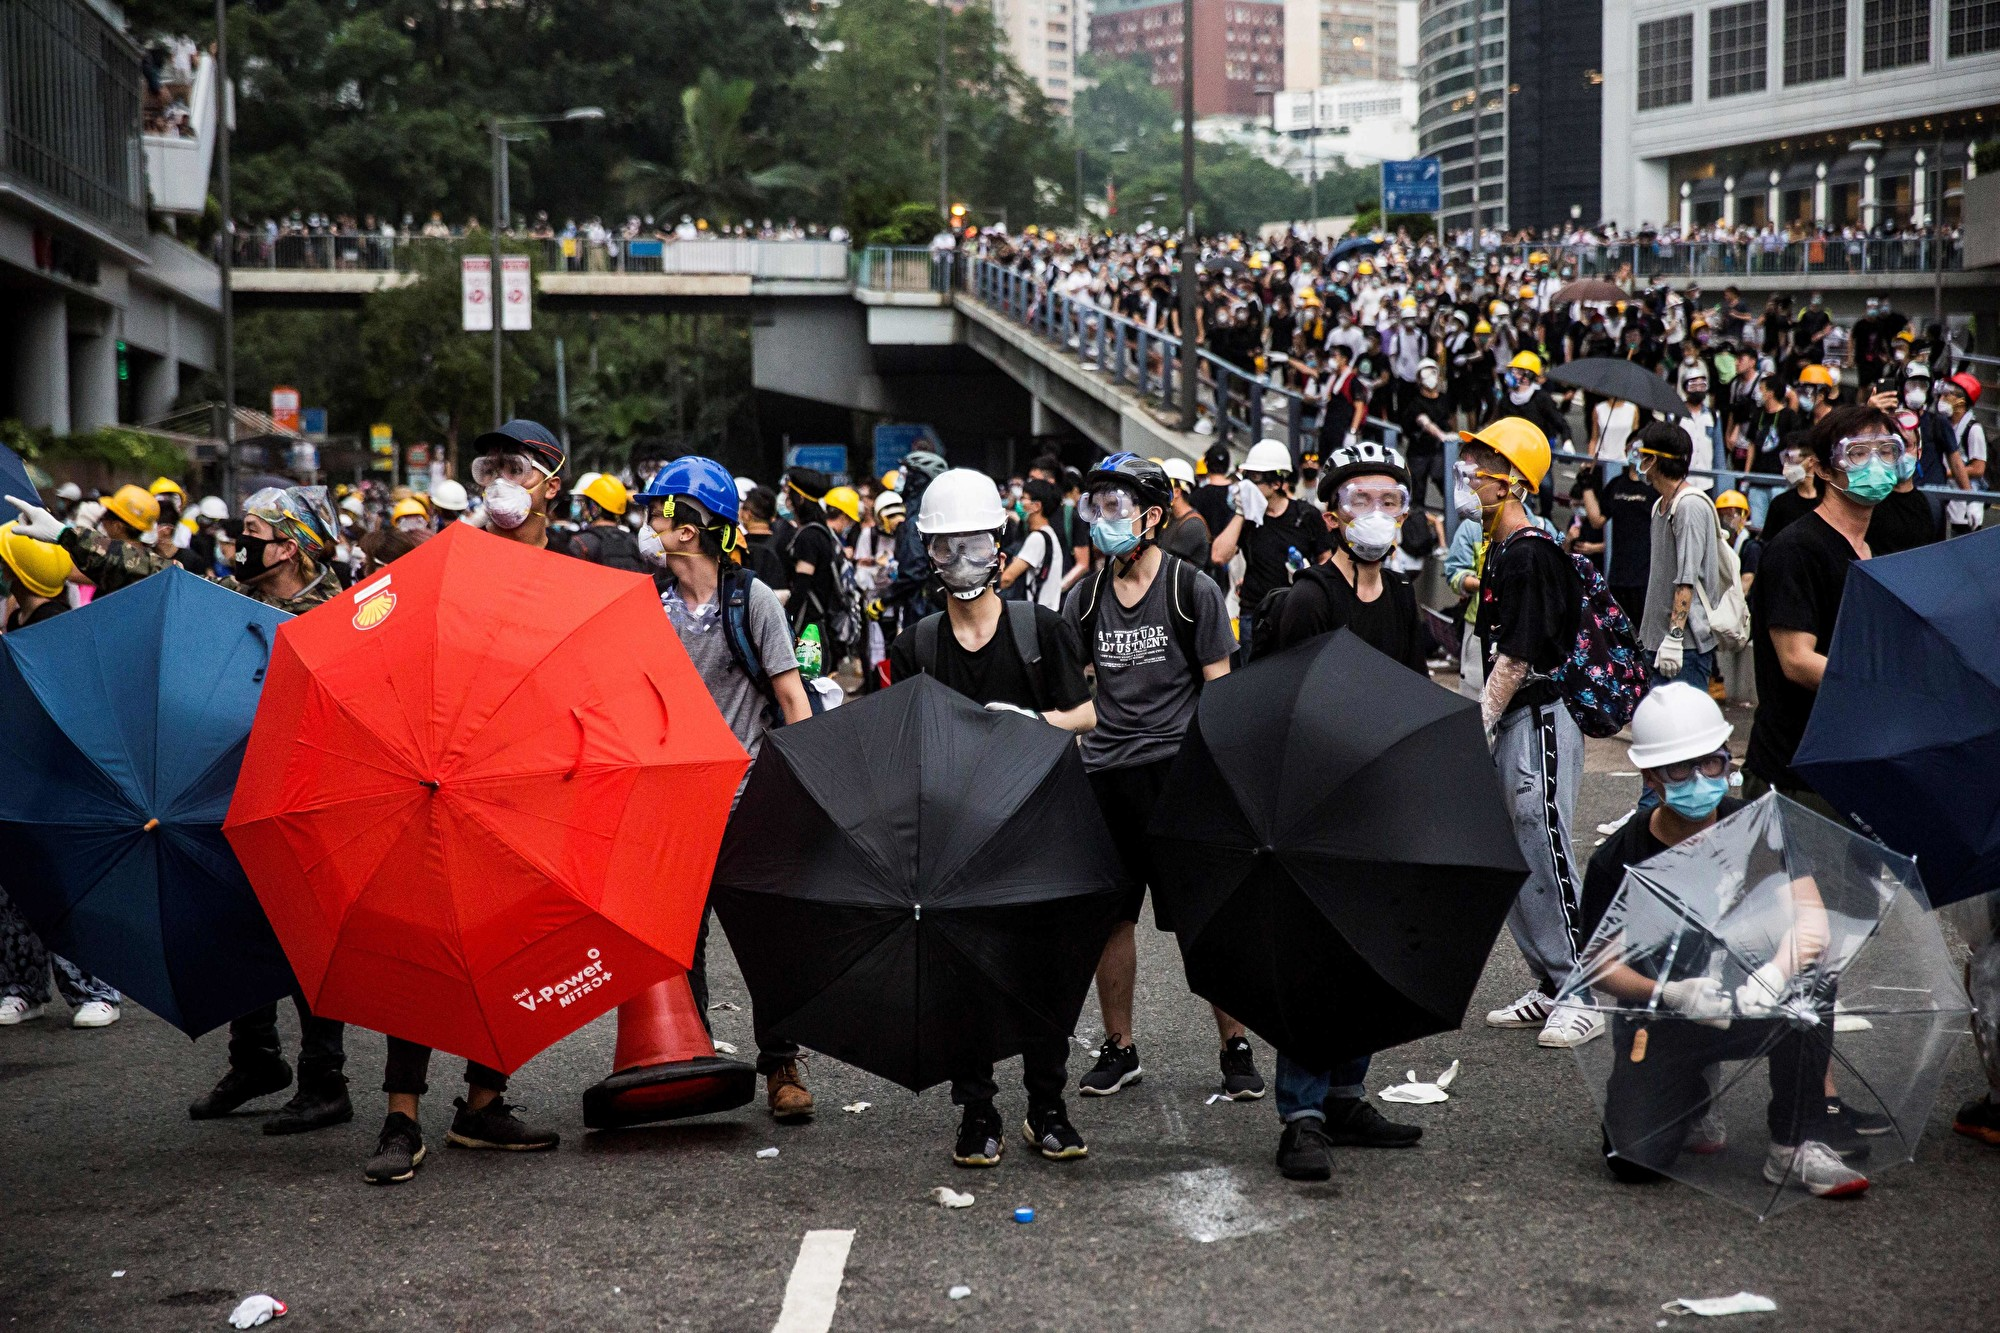 2019年6月12日,香港民众戴着口罩拿着雨伞走上街头,抗议香港政府不顾反对声浪,预定二读《逃犯条例》。(ISAAC LAWRENCE/AFP/Getty Images)